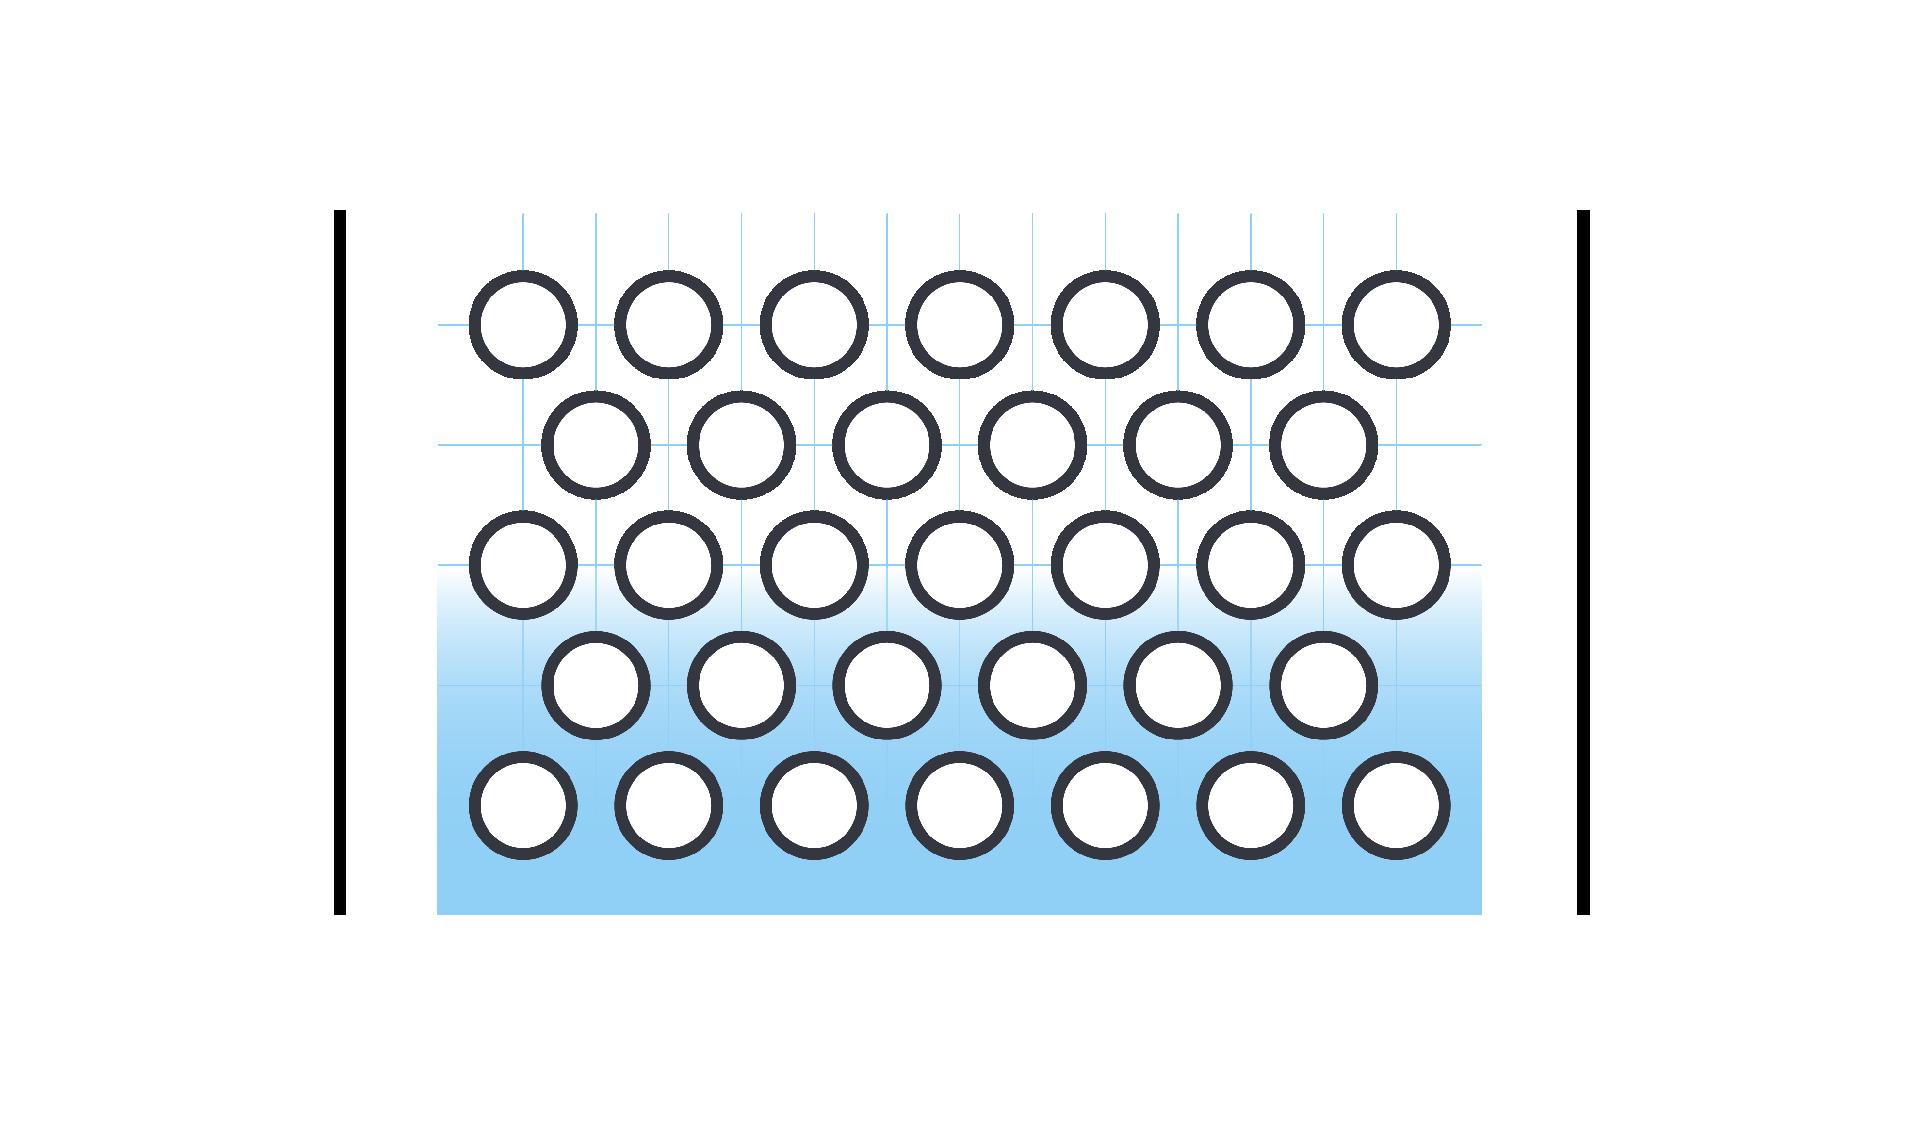 Perçage des filières en parallèle